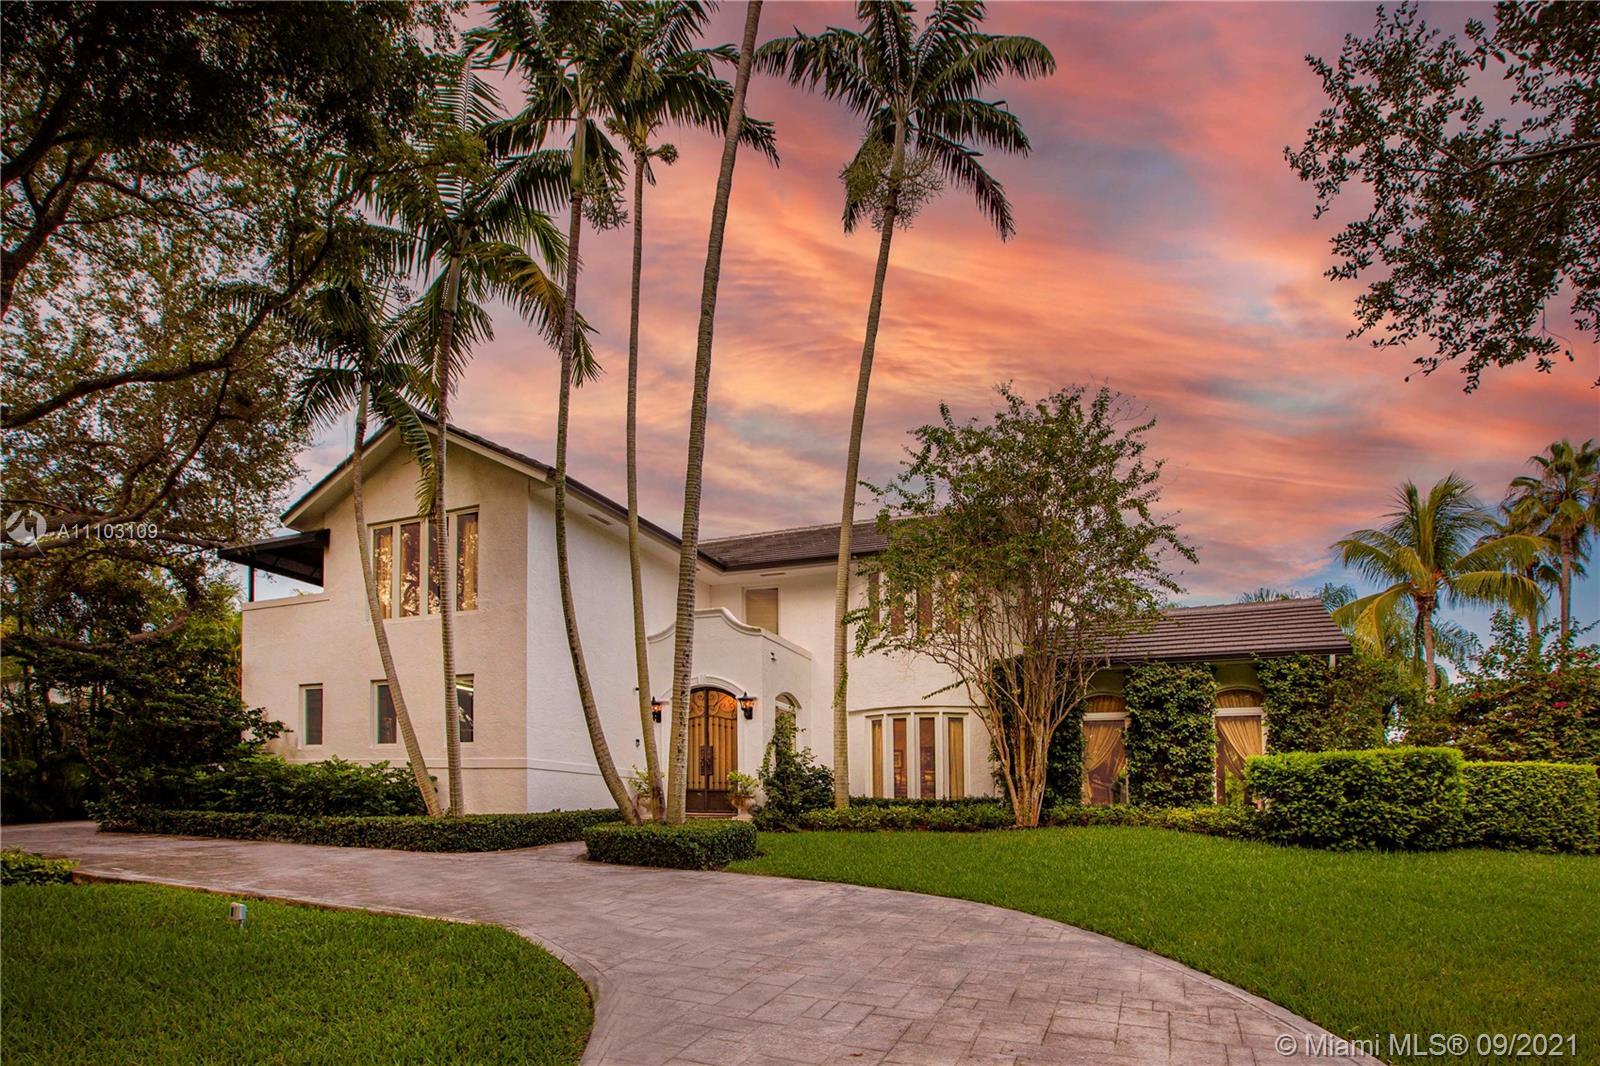 Single Family Home,For Sale,385 Isla Dorada Blvd, Coral Gables, Florida 33143,Brickell,realty,broker,condos near me